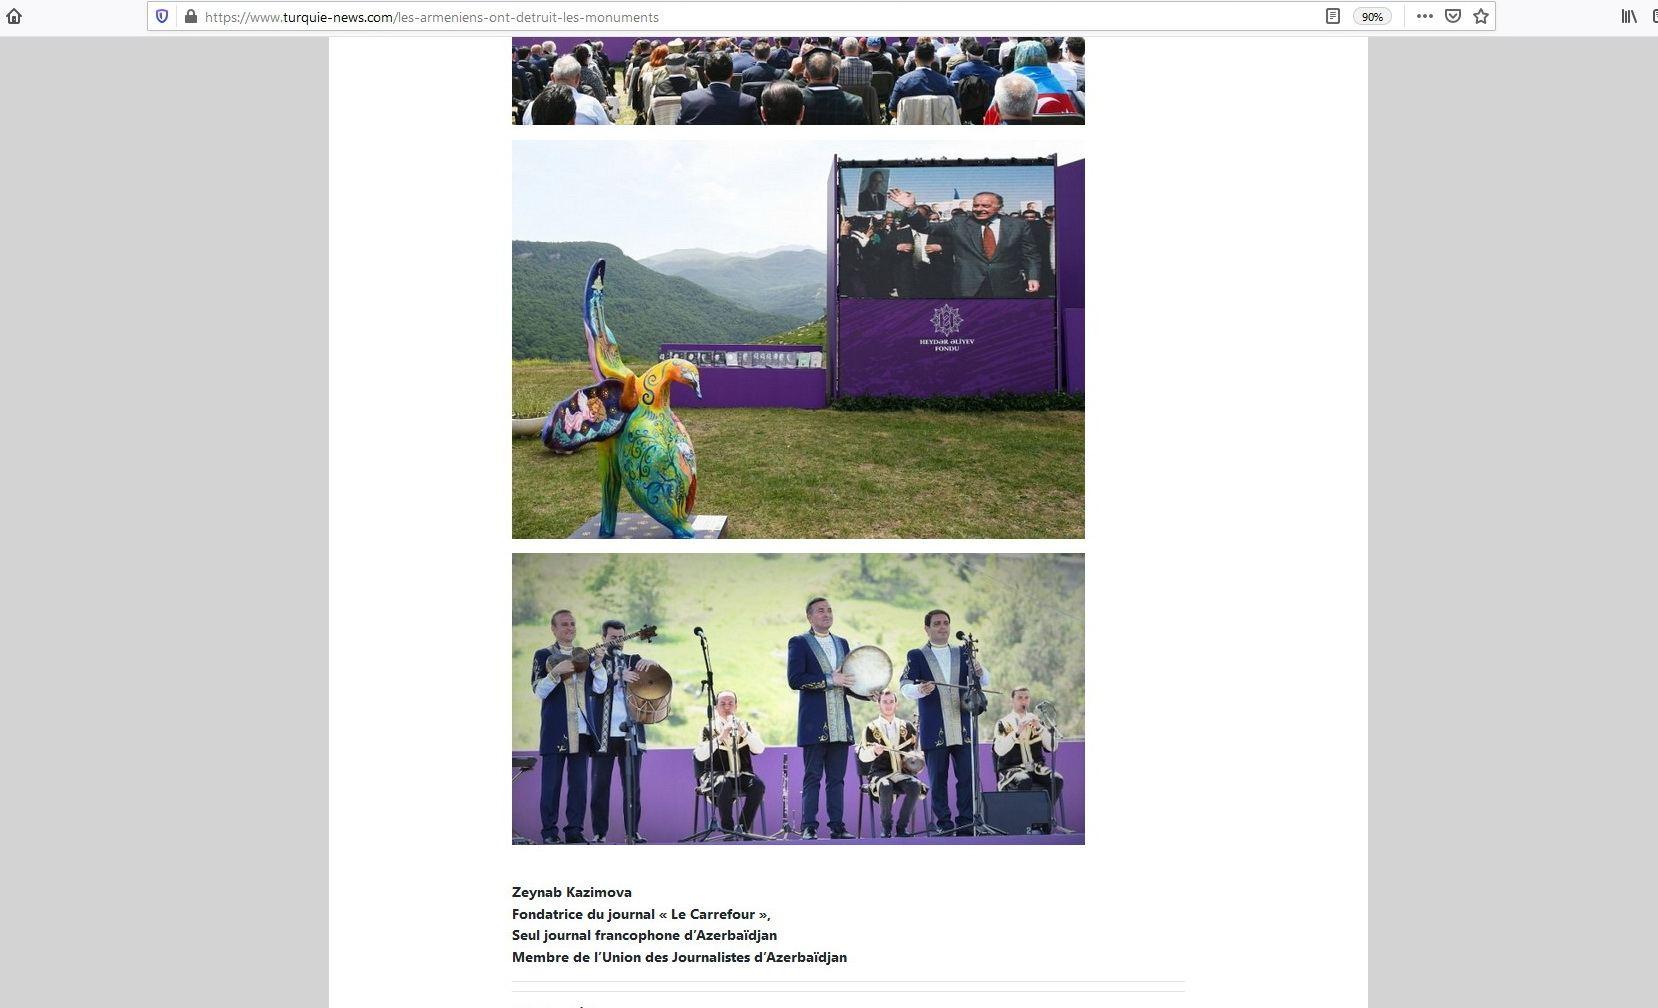 """Azərbaycanlı jurnalist Fransa portalında """"Xarıbülbül"""" festivalından yazıb (FOTO) - Gallery Image"""